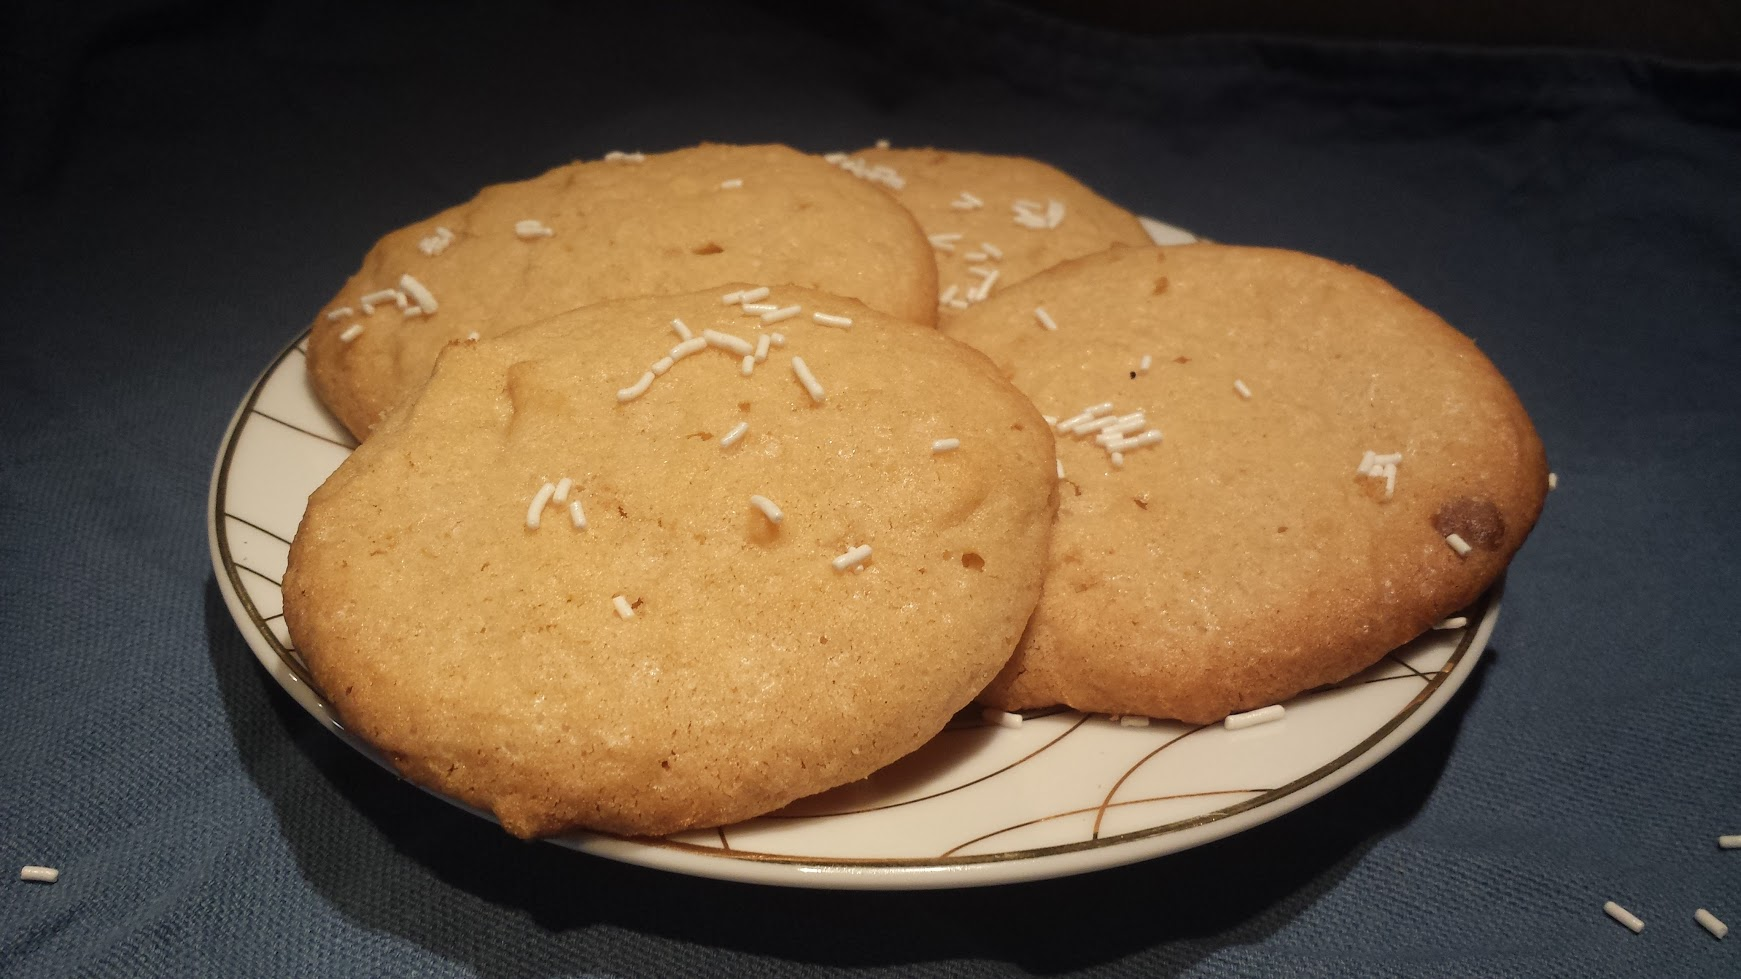 Le ricette della Lady: biscotti al burro e cioccolato bianco